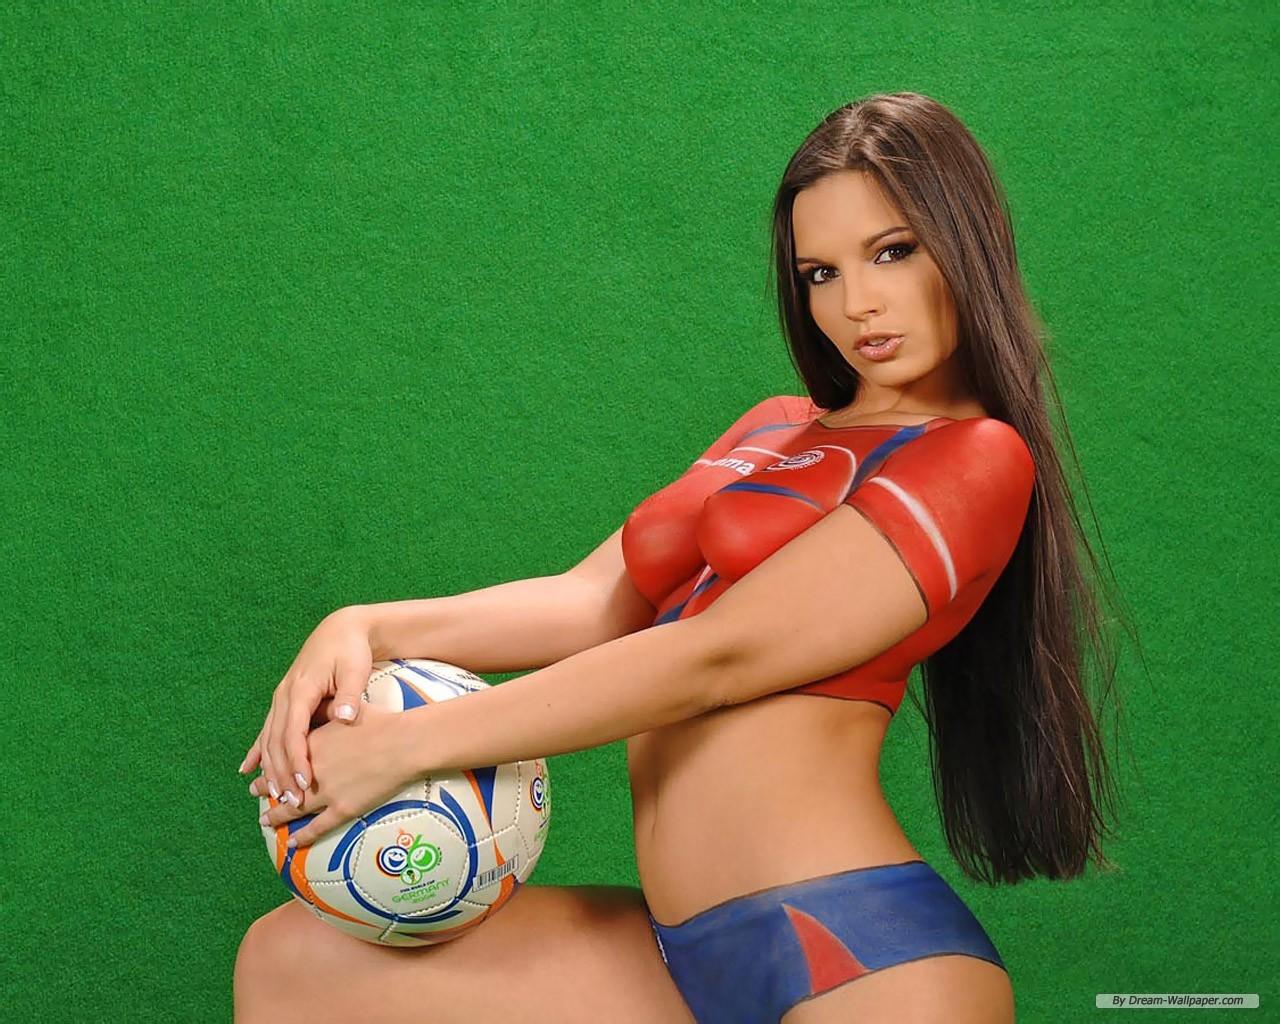 Meglio il sesso o il calcio?